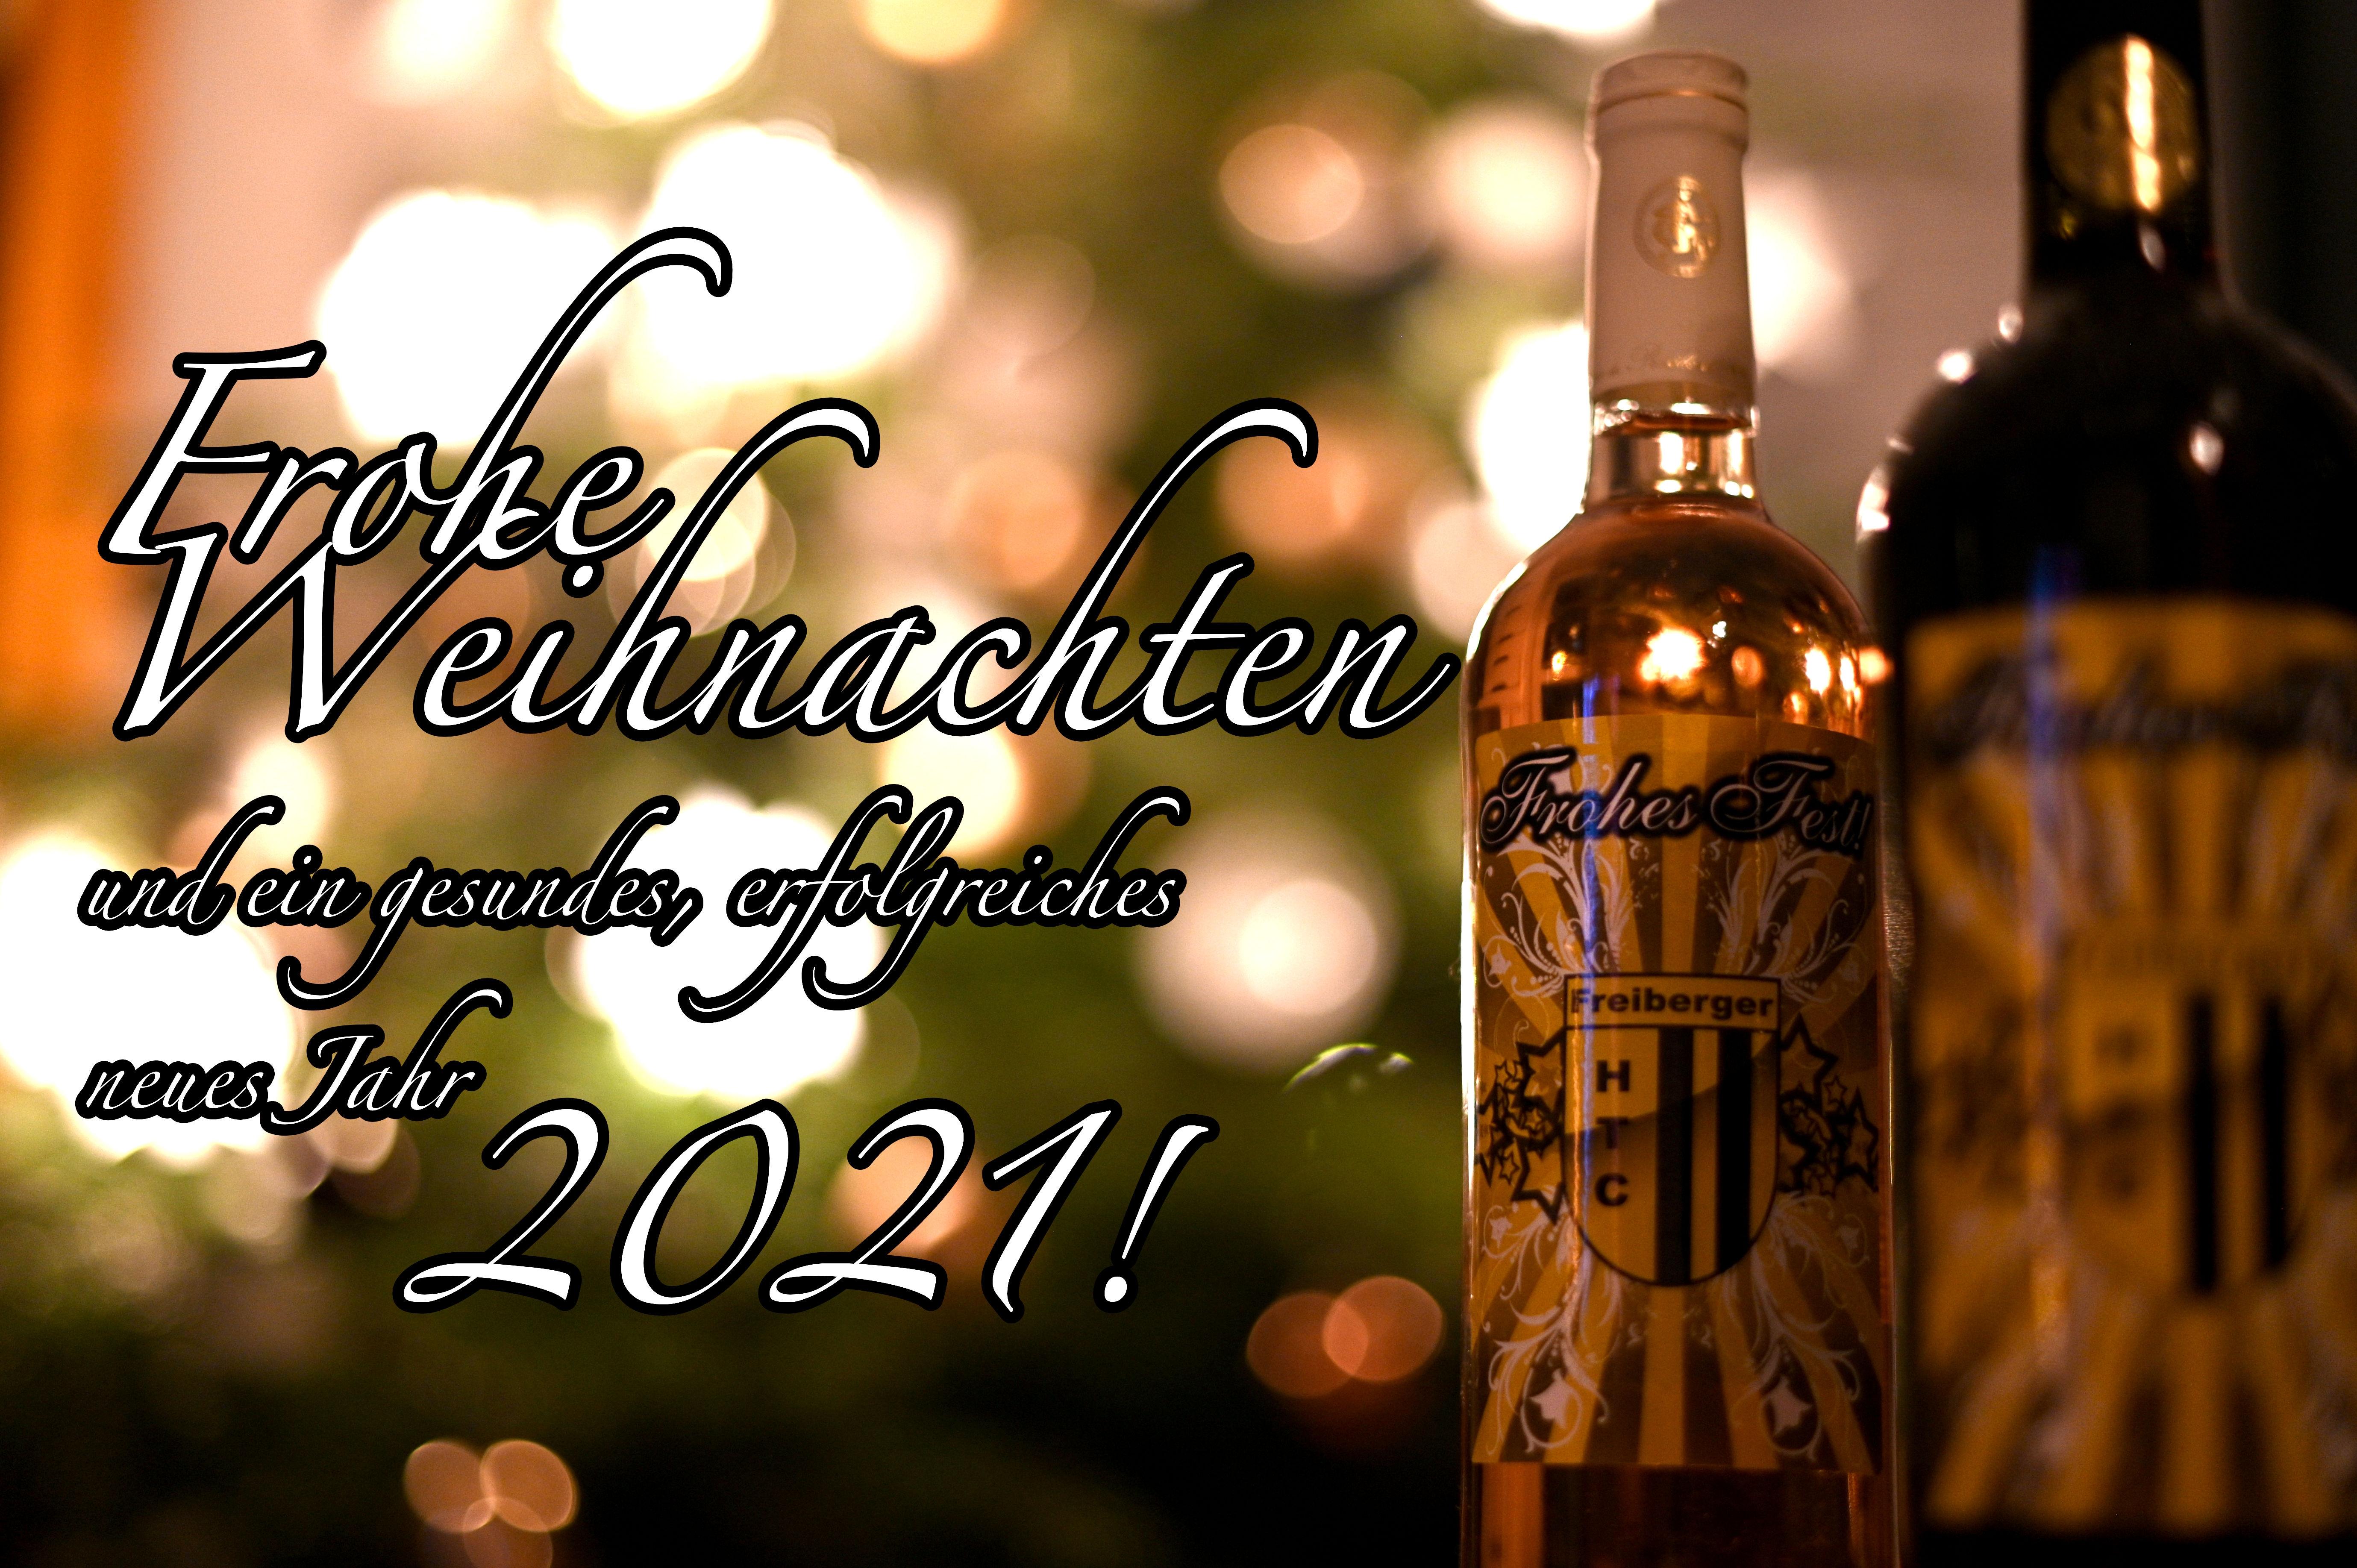 Frohe Weihnachten und guten Rutsch nach 2021!